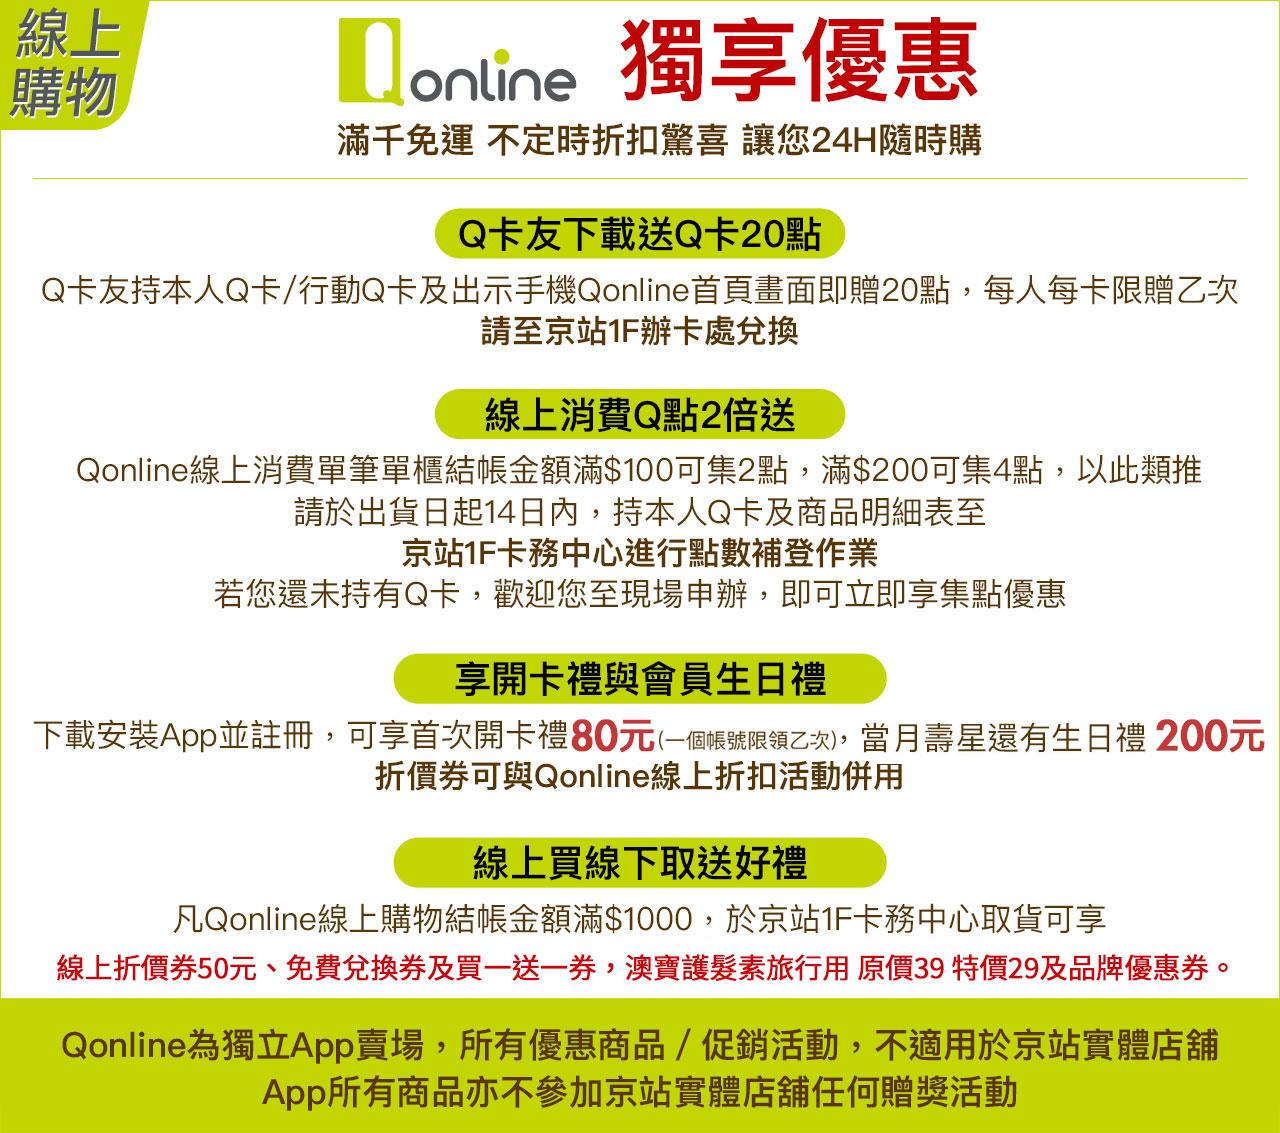 Qonline獨享優惠-1